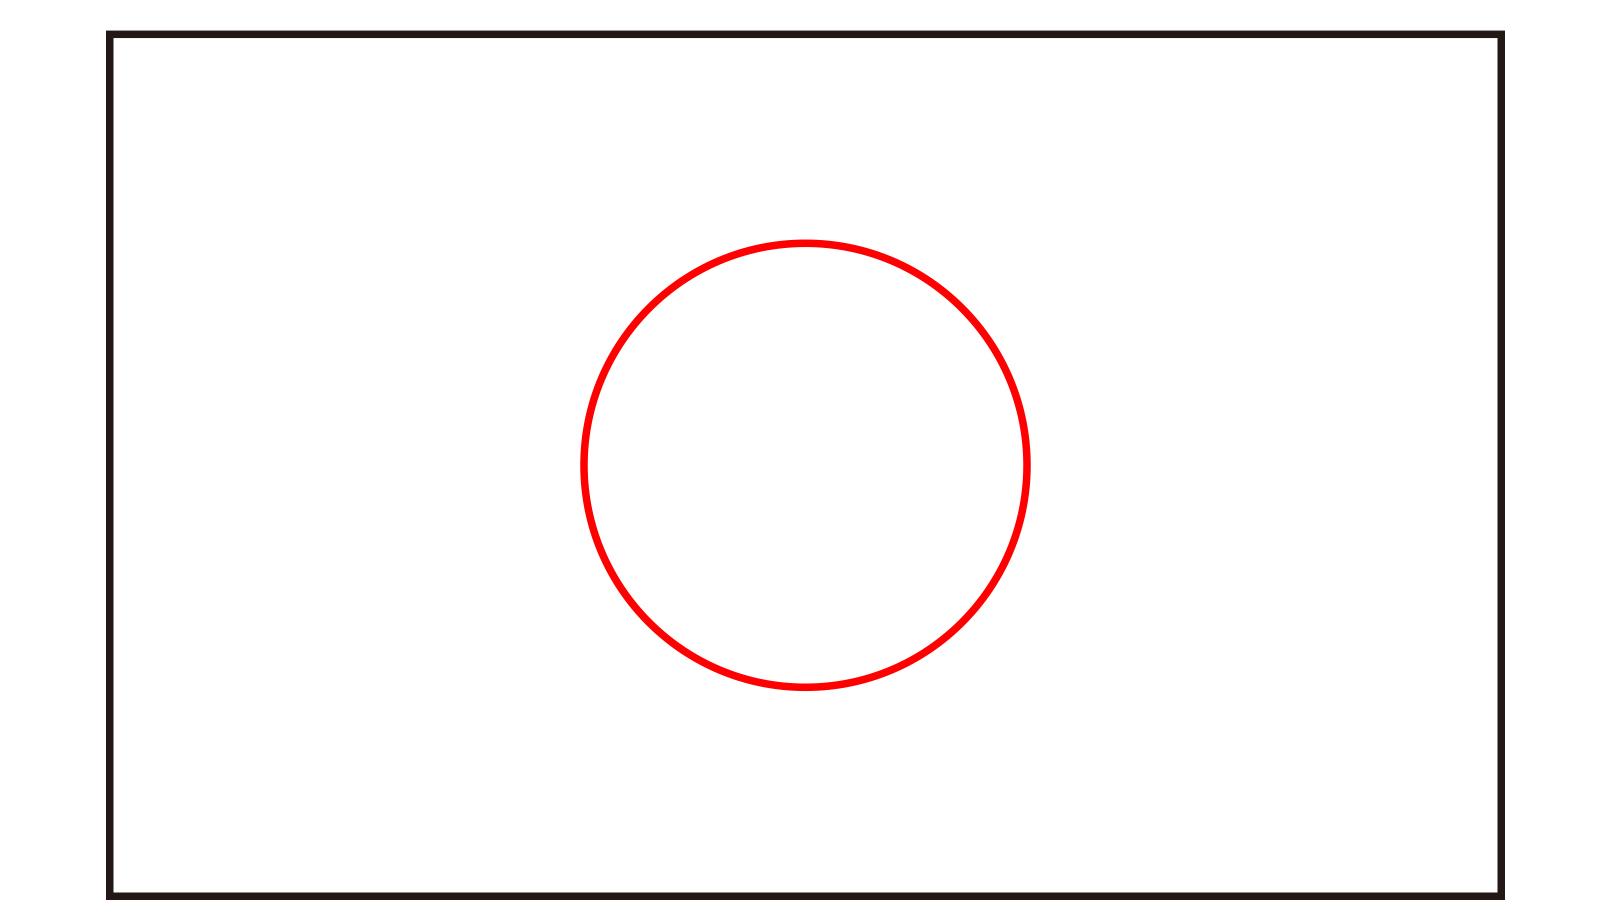 イラストの構図・日の丸